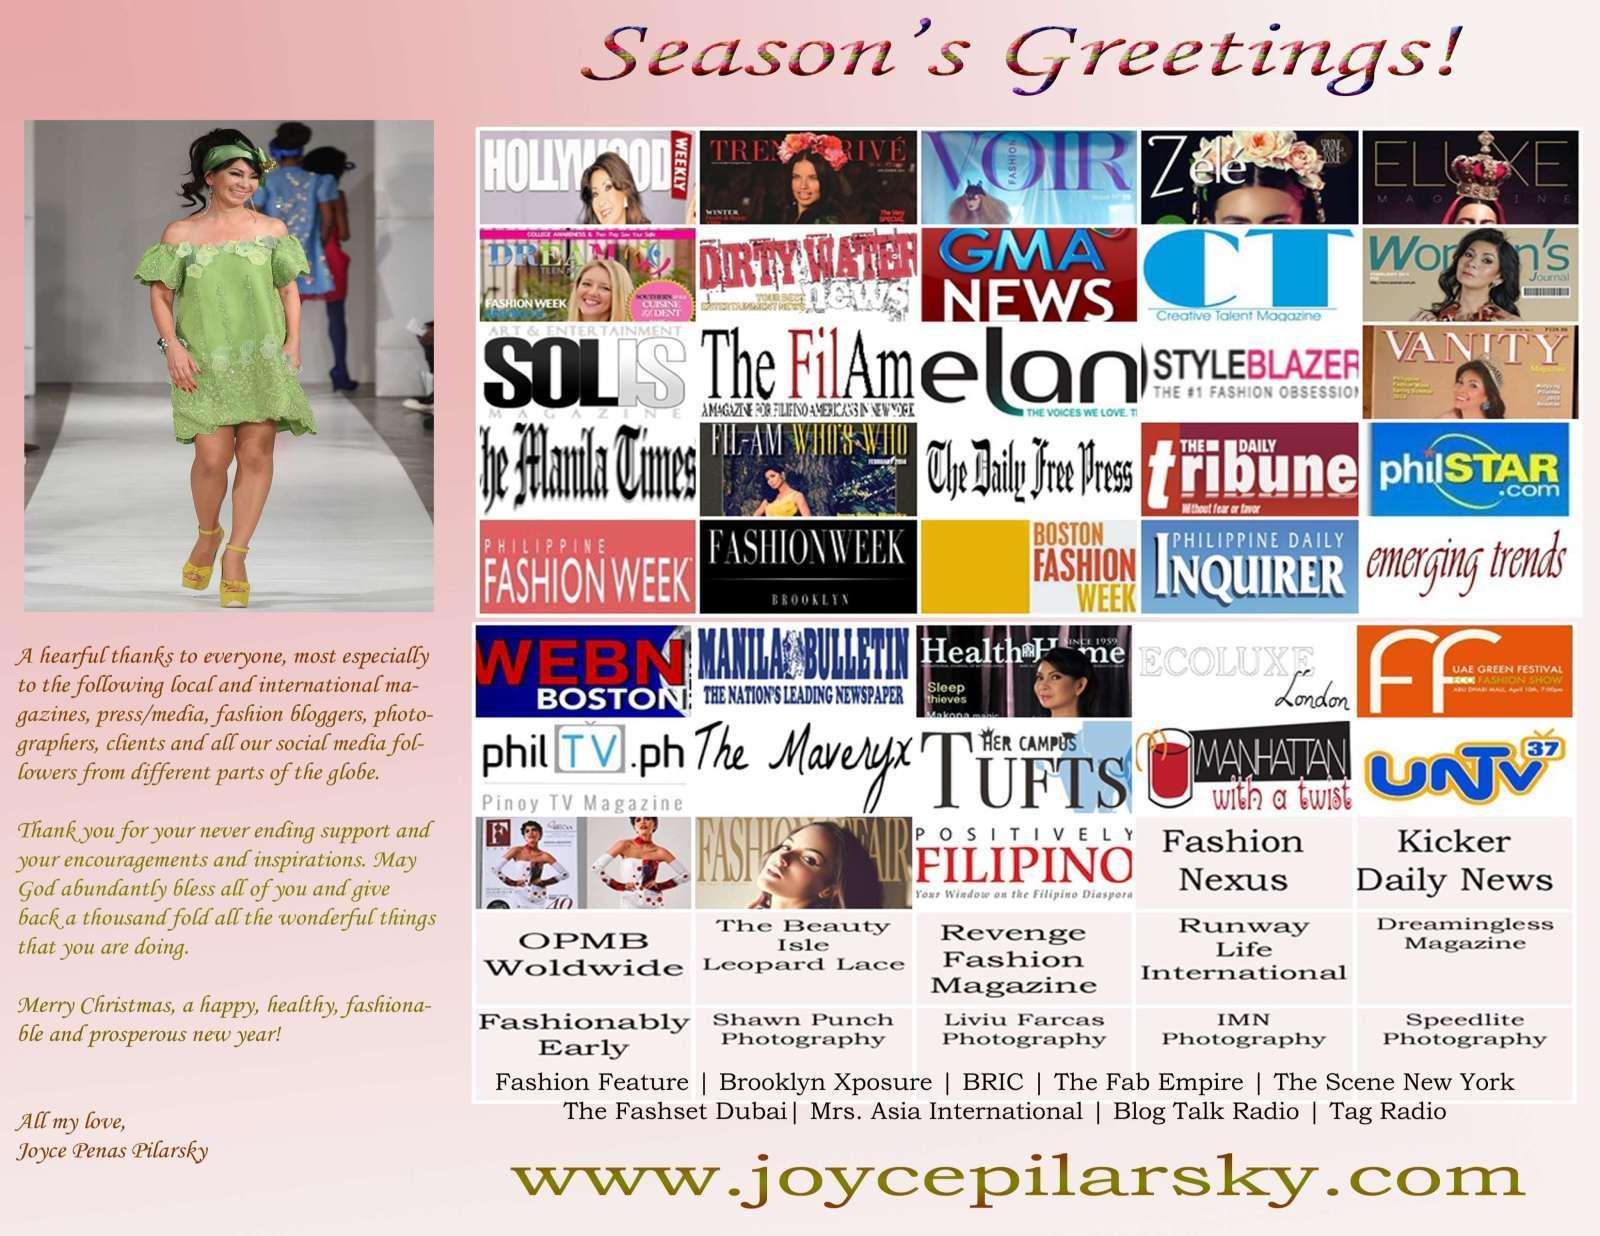 Holiday Greetings from Joyce Penas Pilarsky